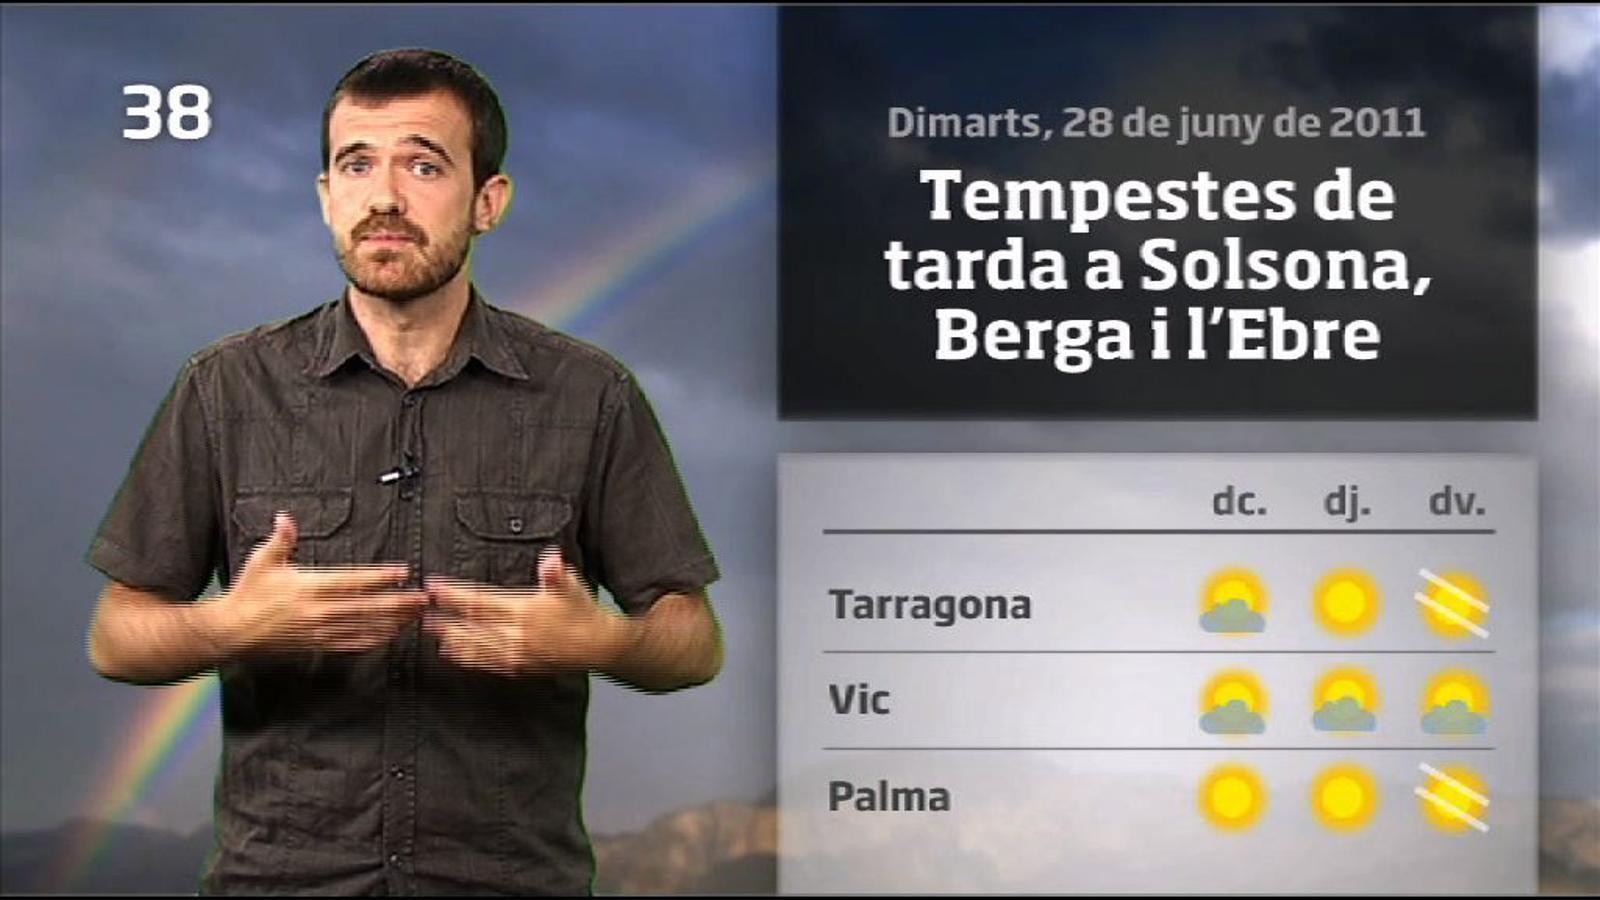 La méteo en 1 minut: s'acaba la calor intensa (28/06/2011)